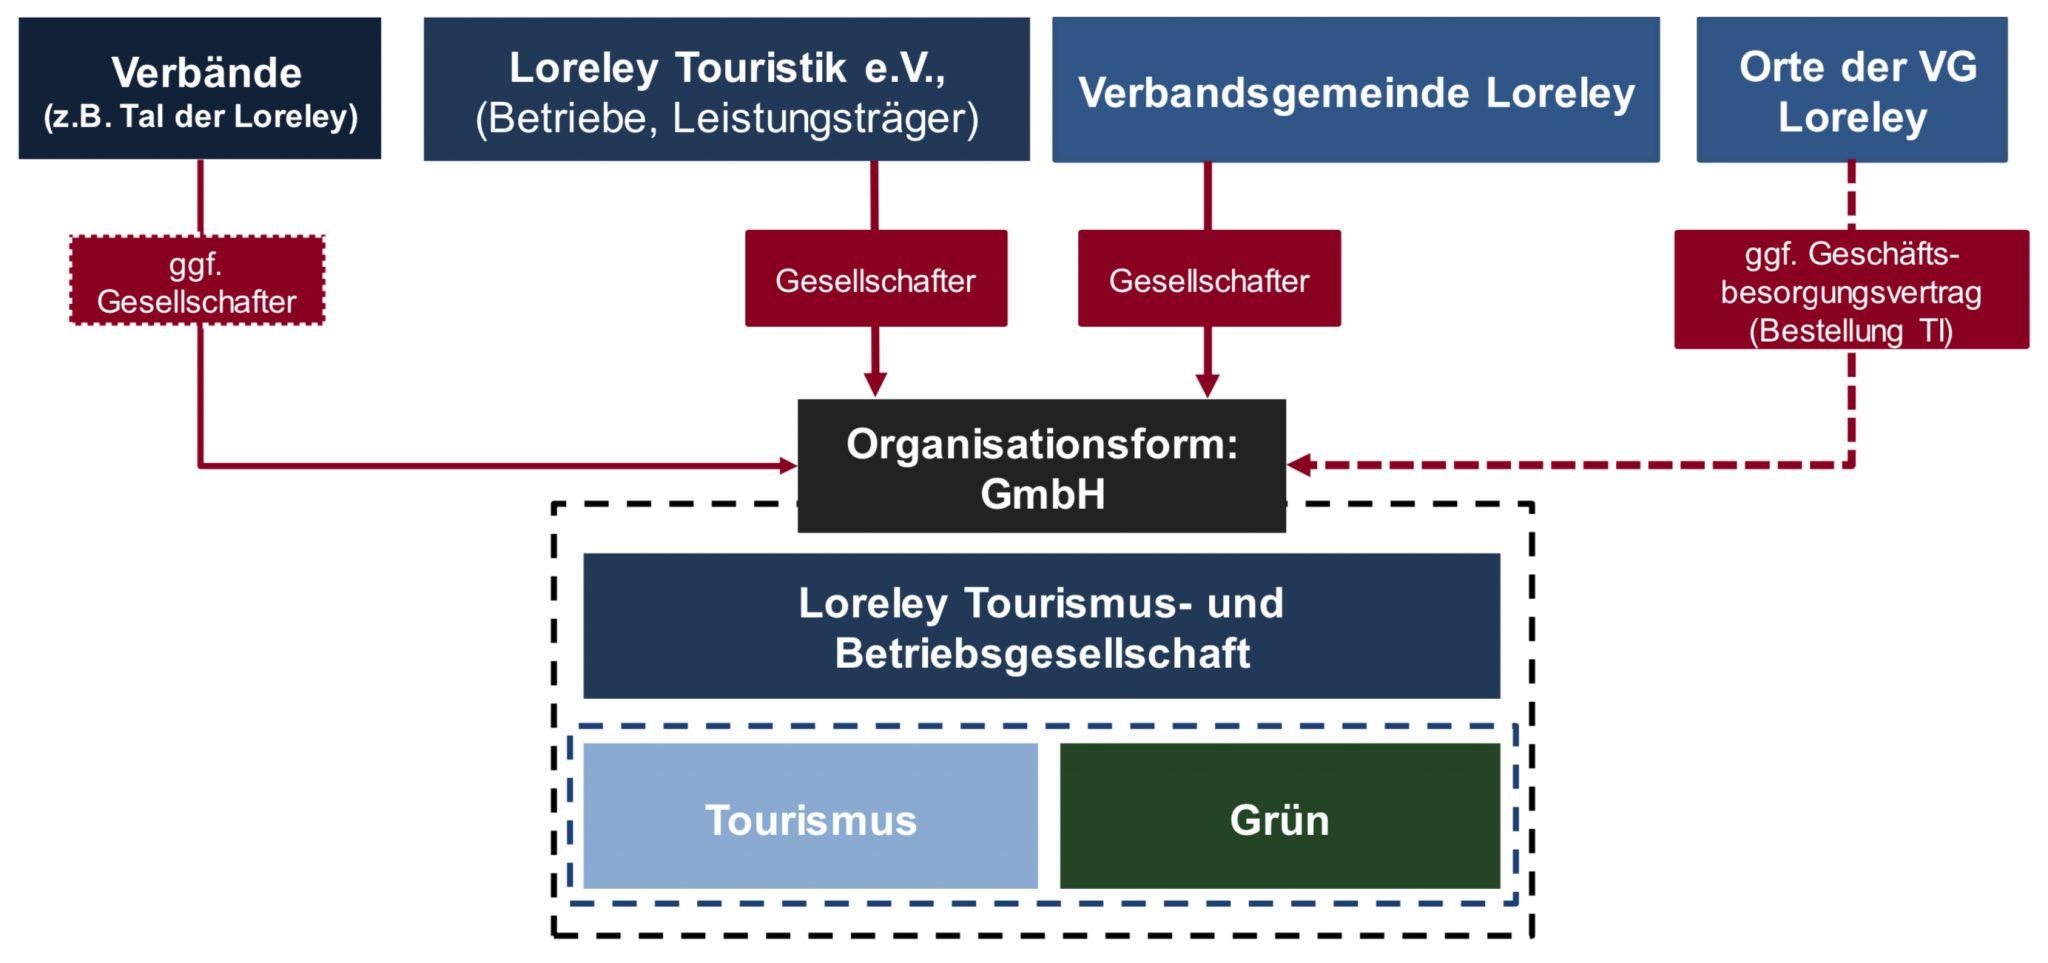 Lösungsmodell Loreley Tourismus- und Betriebsgesellschaft. (Quelle: ift GmbH, 2018)